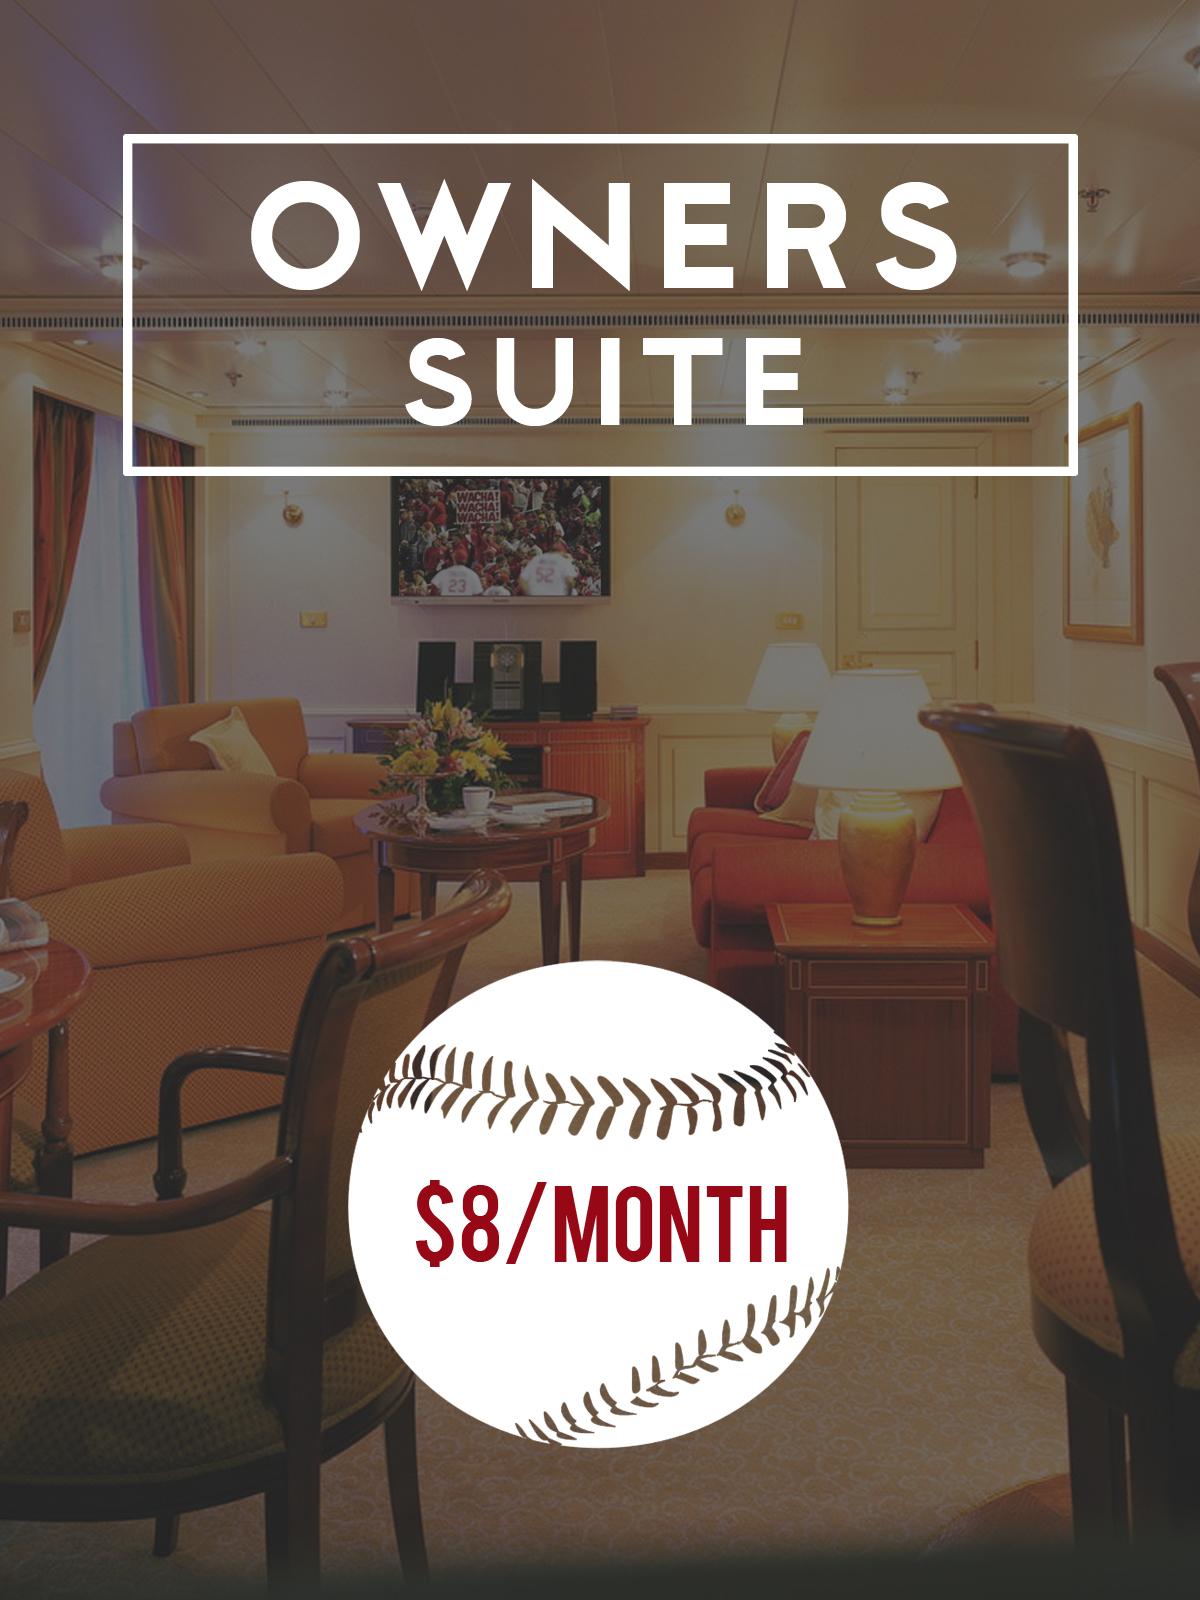 Owners-suite.jpg